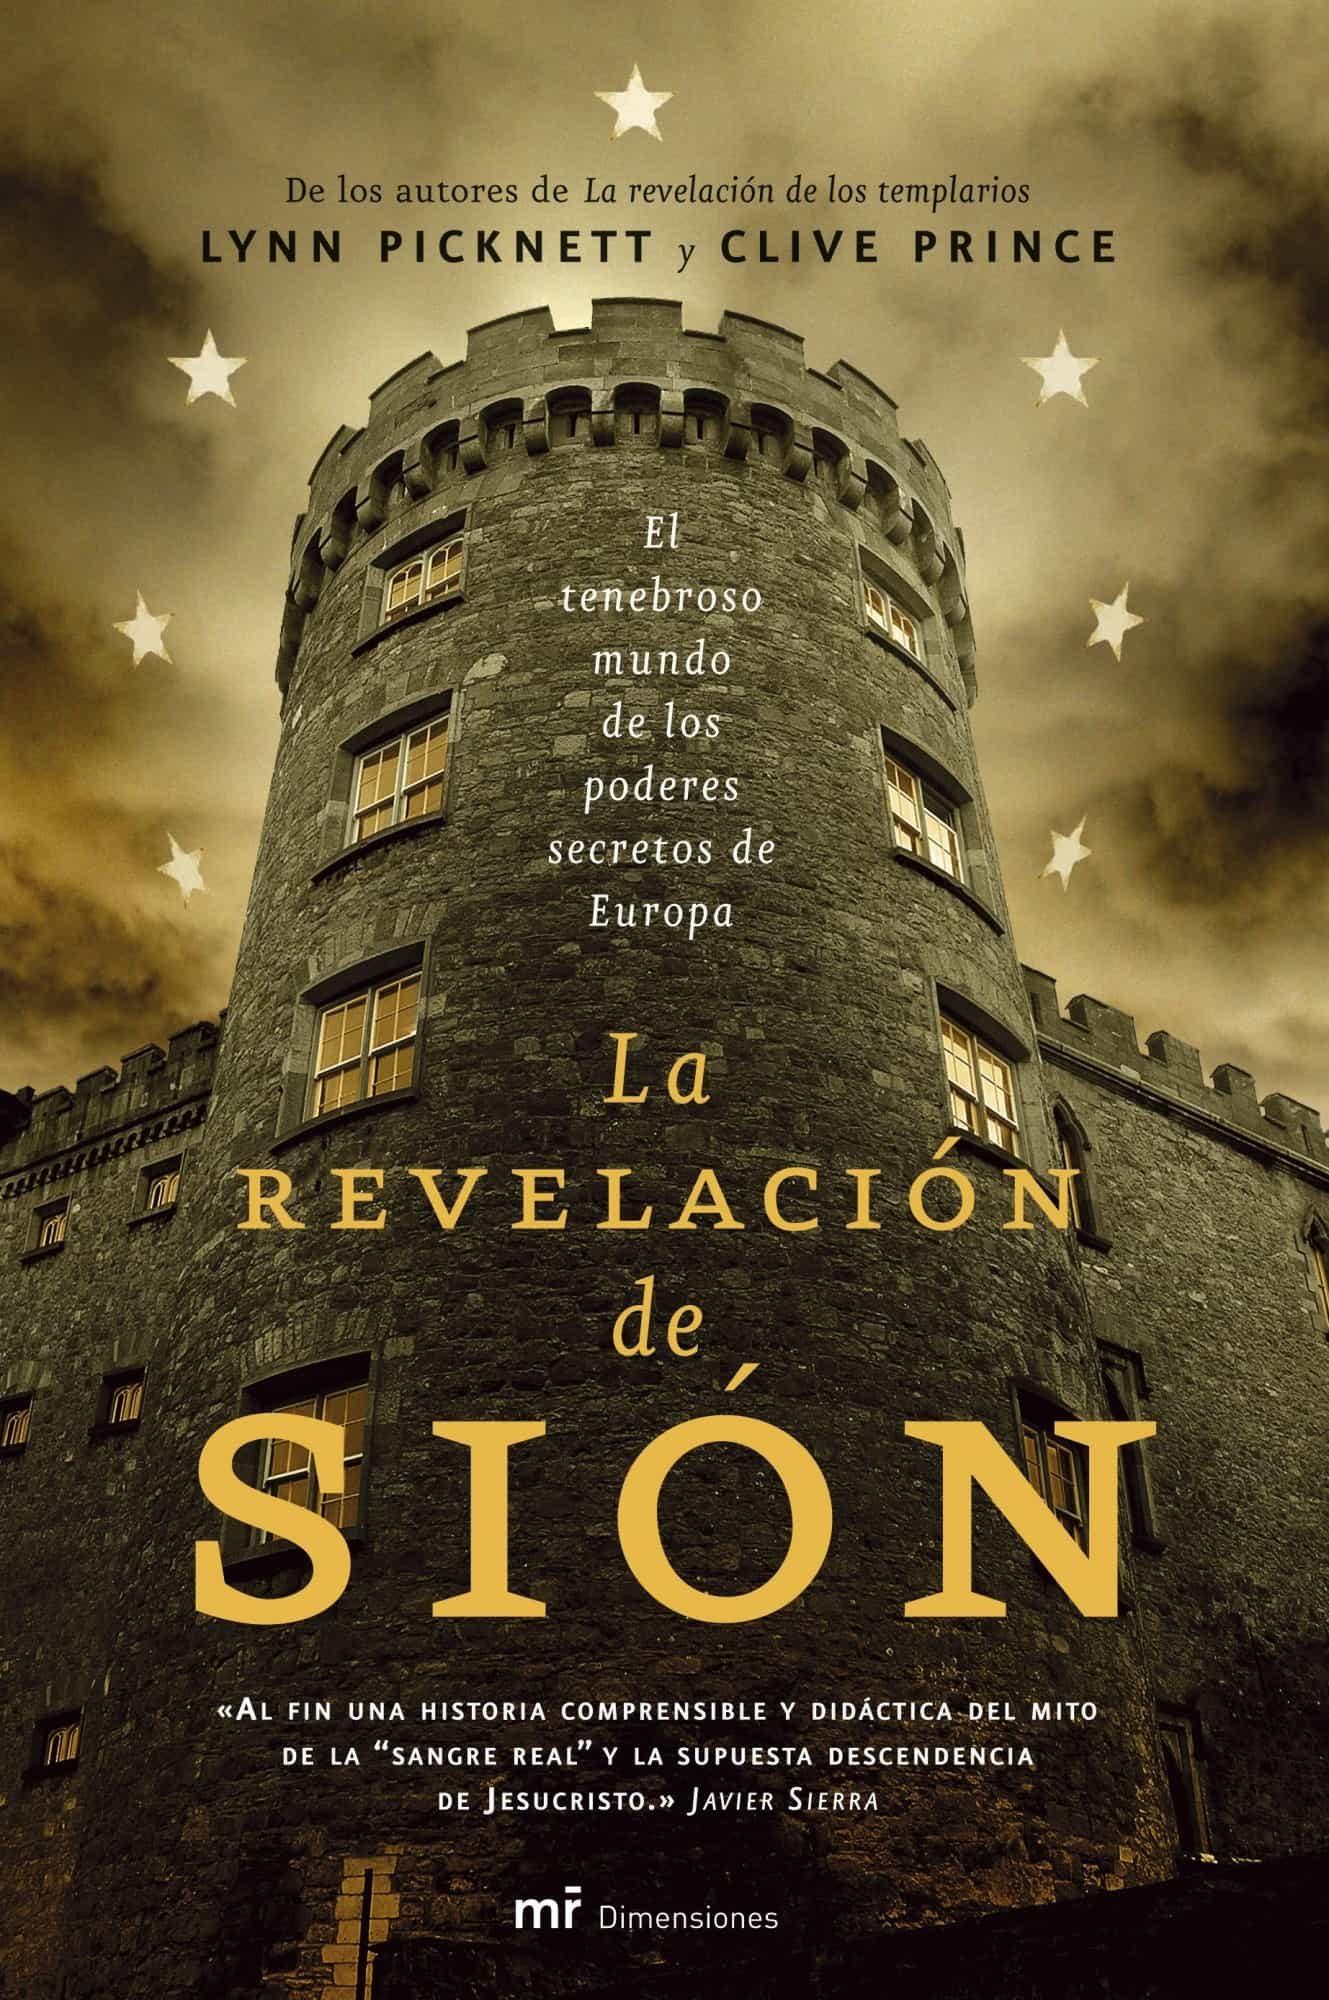 La Revelacion De Sion: El Tenebroso Mundo De Los Poderes Secretos De Europa por Clive Prince;                                                                                    Lynn Picknett